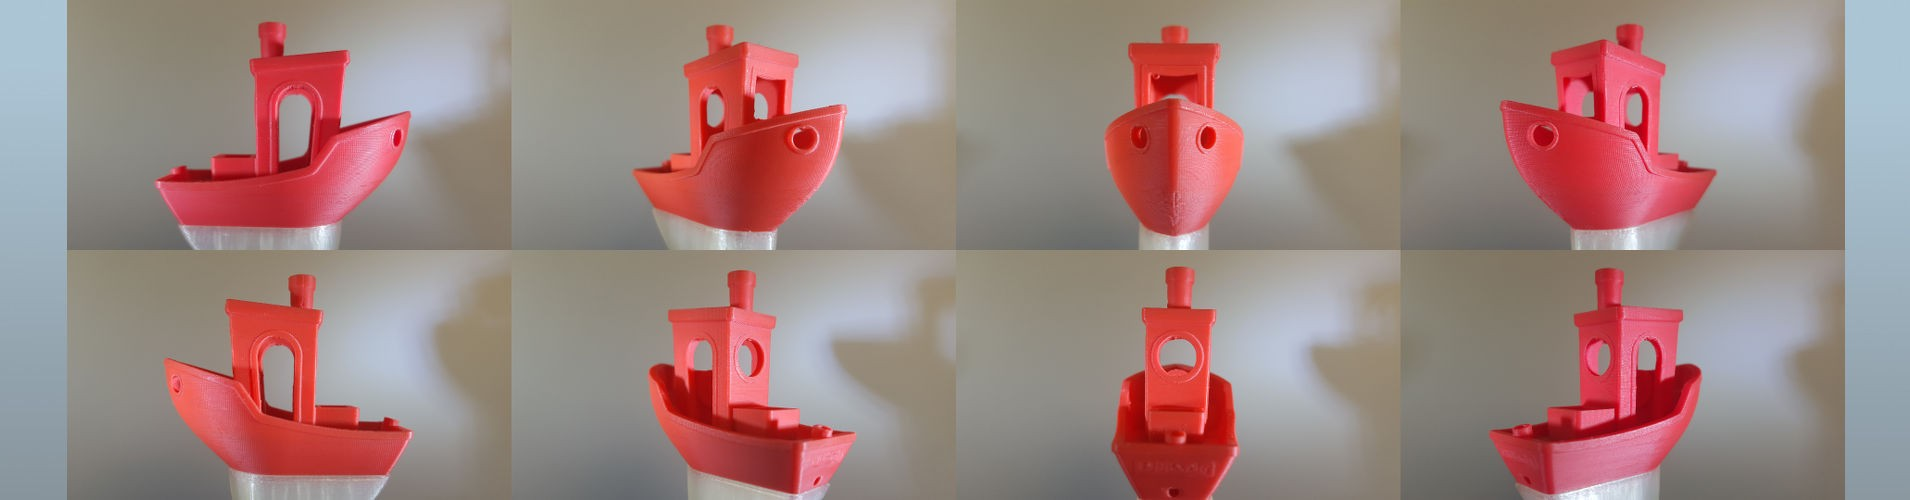 پرینتر سه بعدی و کوچکترین اشیا